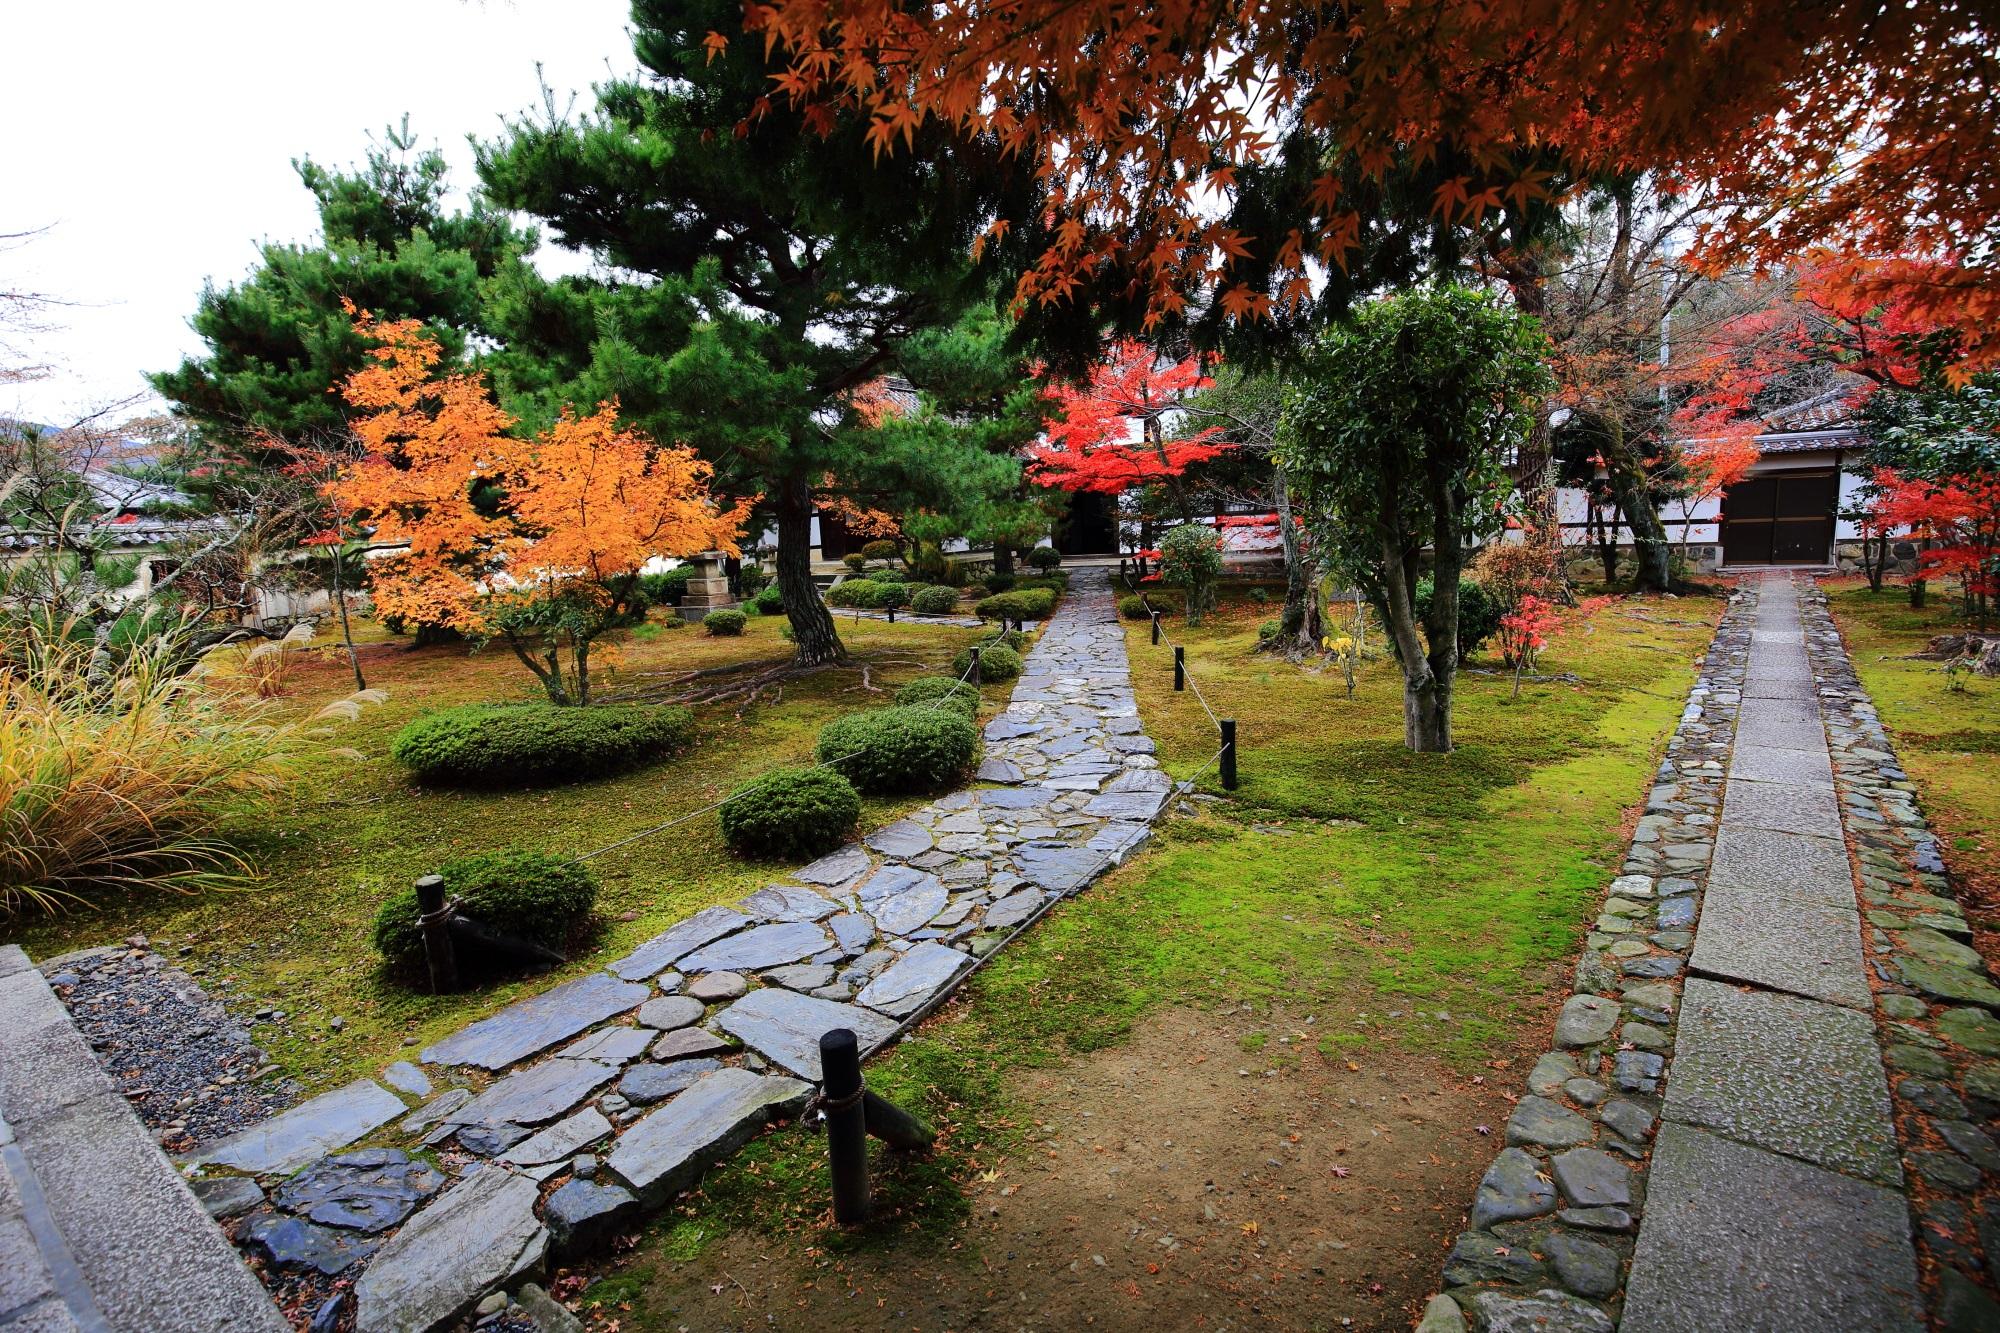 鹿王院の庫裡前の見ごろの紅葉